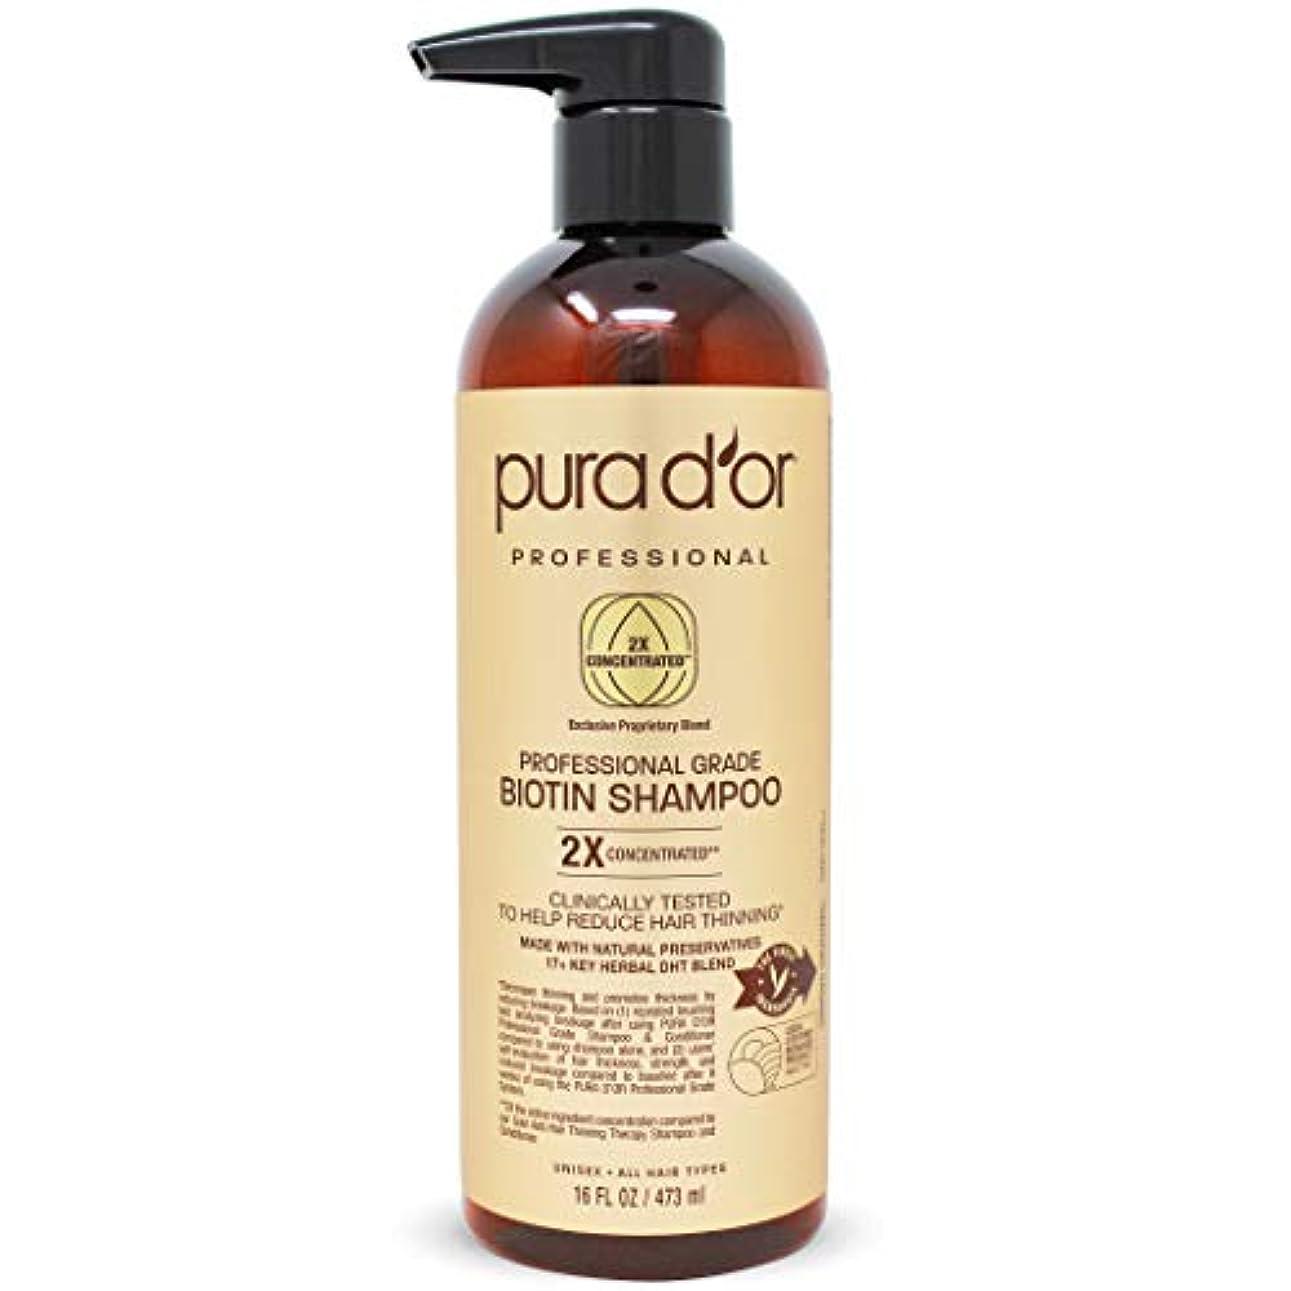 成人期有効化崩壊PURA D'OR プロフェッショナル品質 薄毛対策 2X 濃縮 有効成分 効果を高める 天然成分 臨床試験済み、硫酸塩フリー、男性 & 女性、473 ml(16 液量オンス) シャンプー